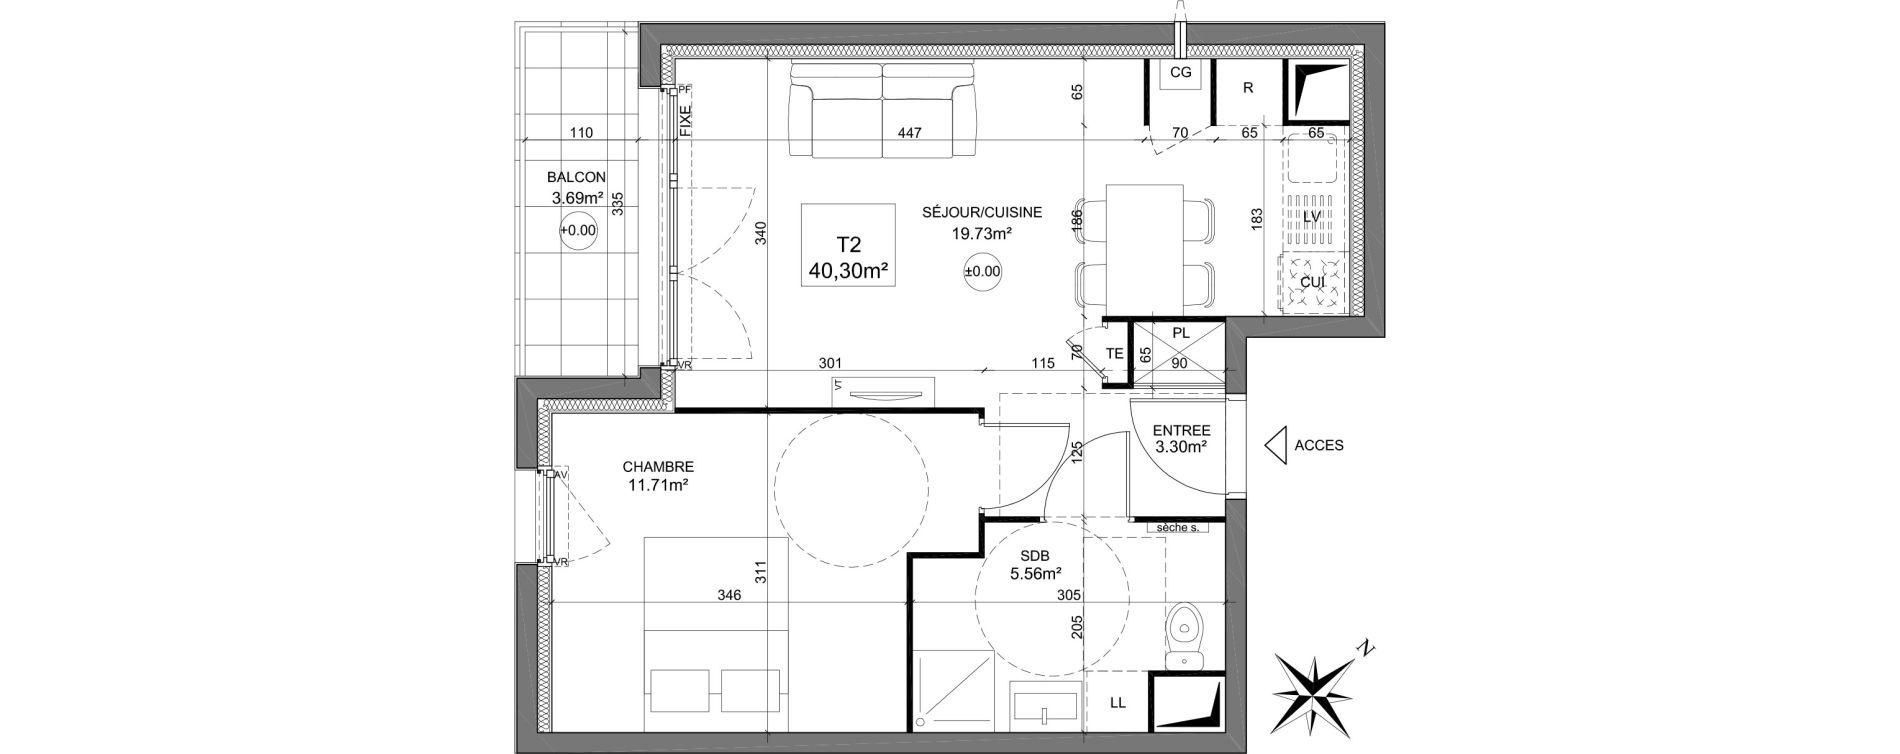 Appartement T2 de 40,30 m2 à Dreux Zac du square